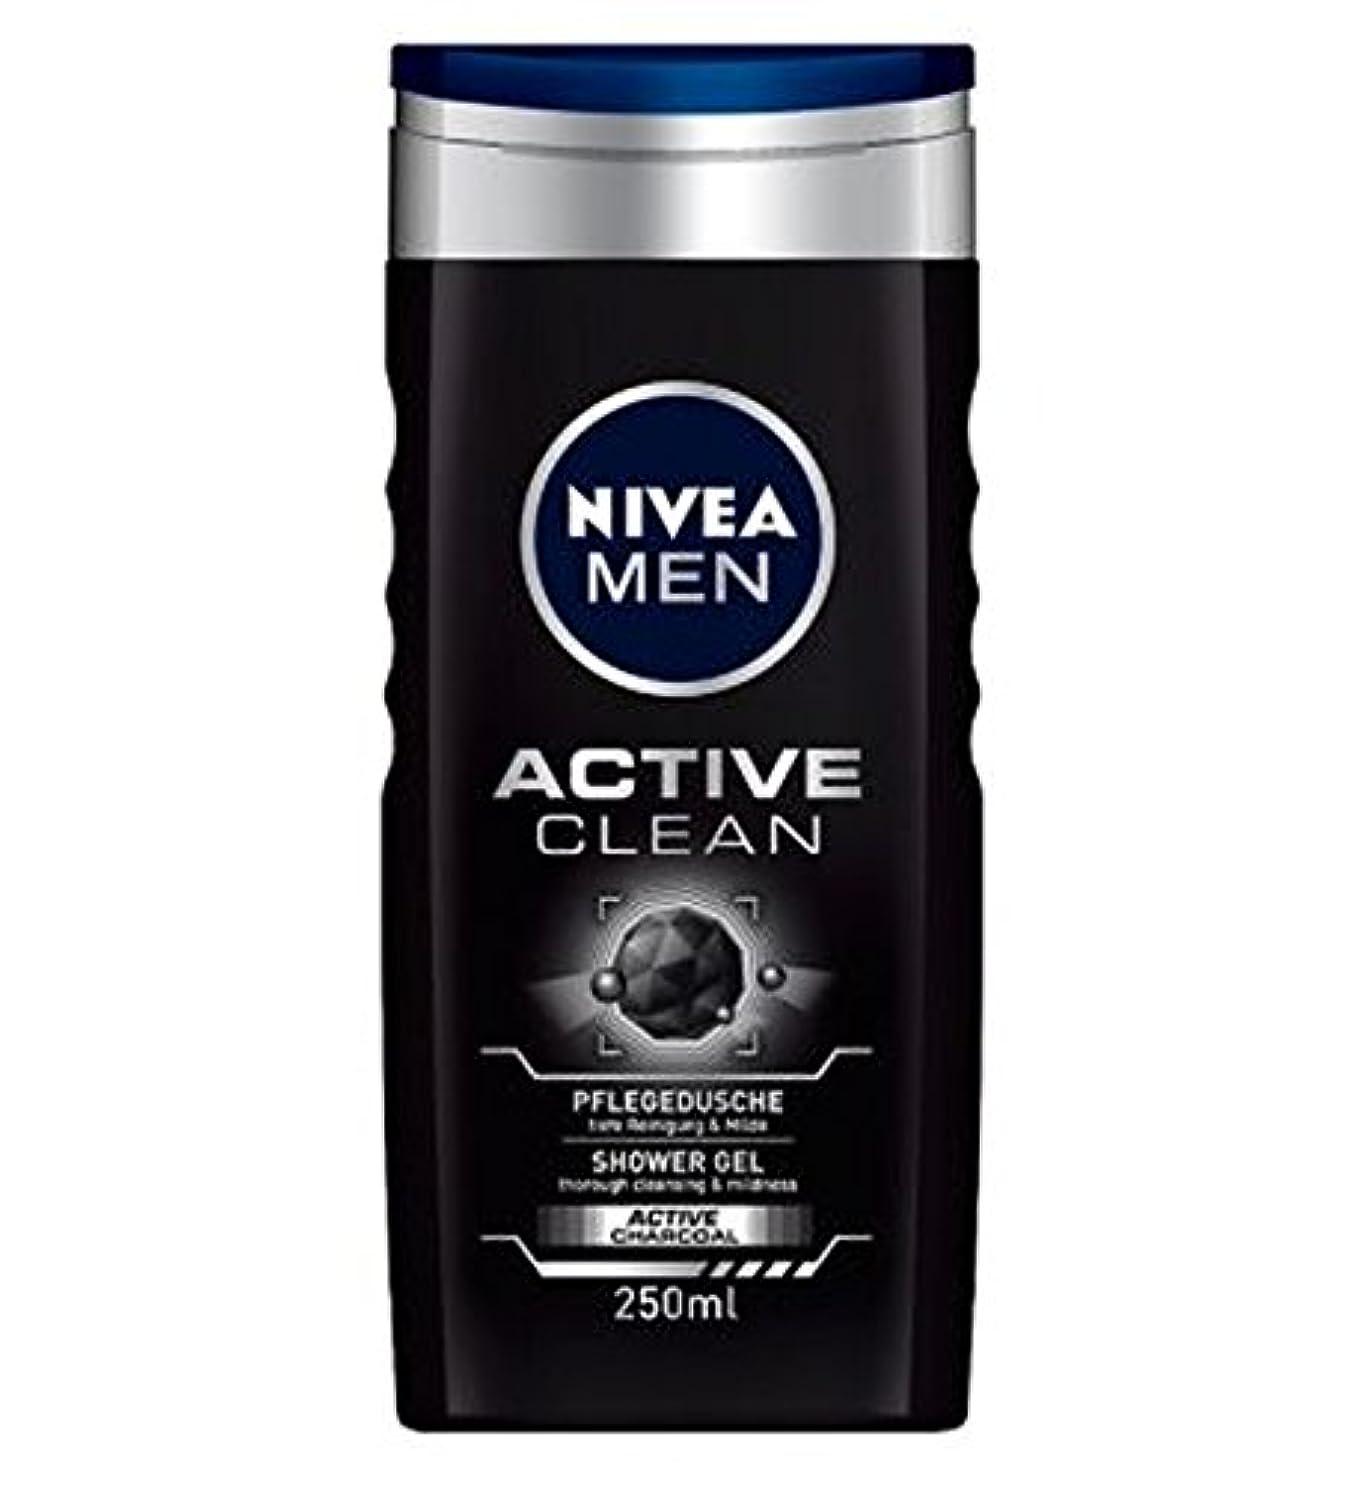 信じる絶滅共産主義者NIVEA MEN Active Clean Shower Gel 250ml - ニベアの男性アクティブクリーンシャワージェル250ミリリットル (Nivea) [並行輸入品]